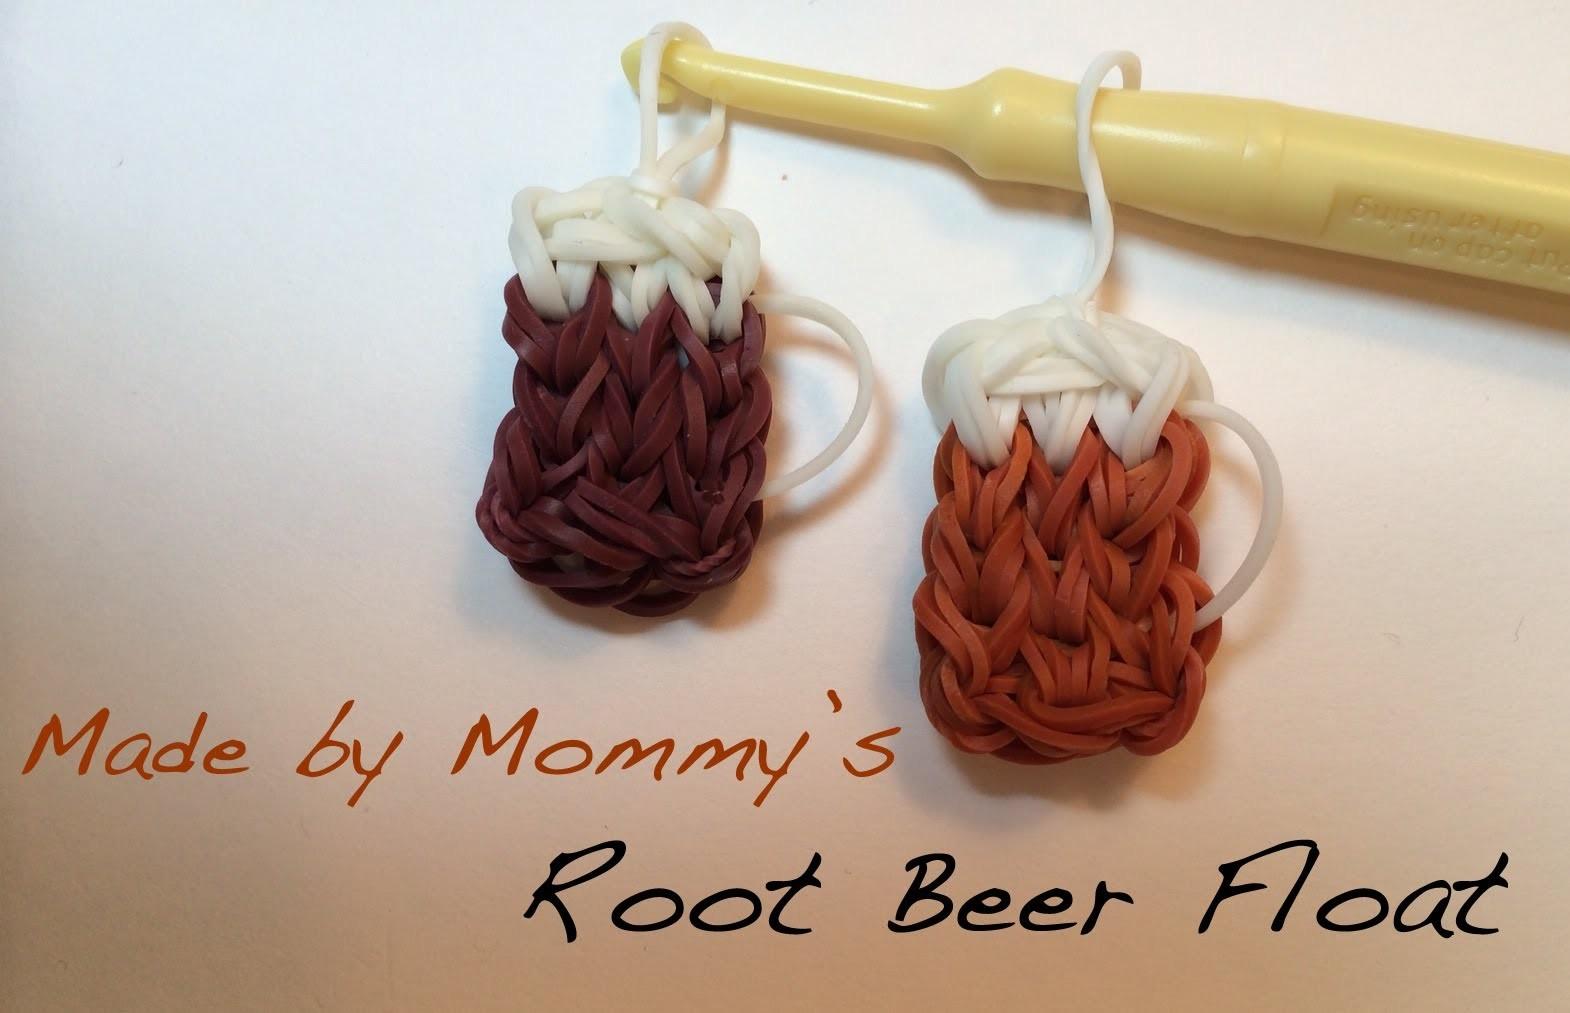 Root Beer Float Charm on the Rainbow Loom